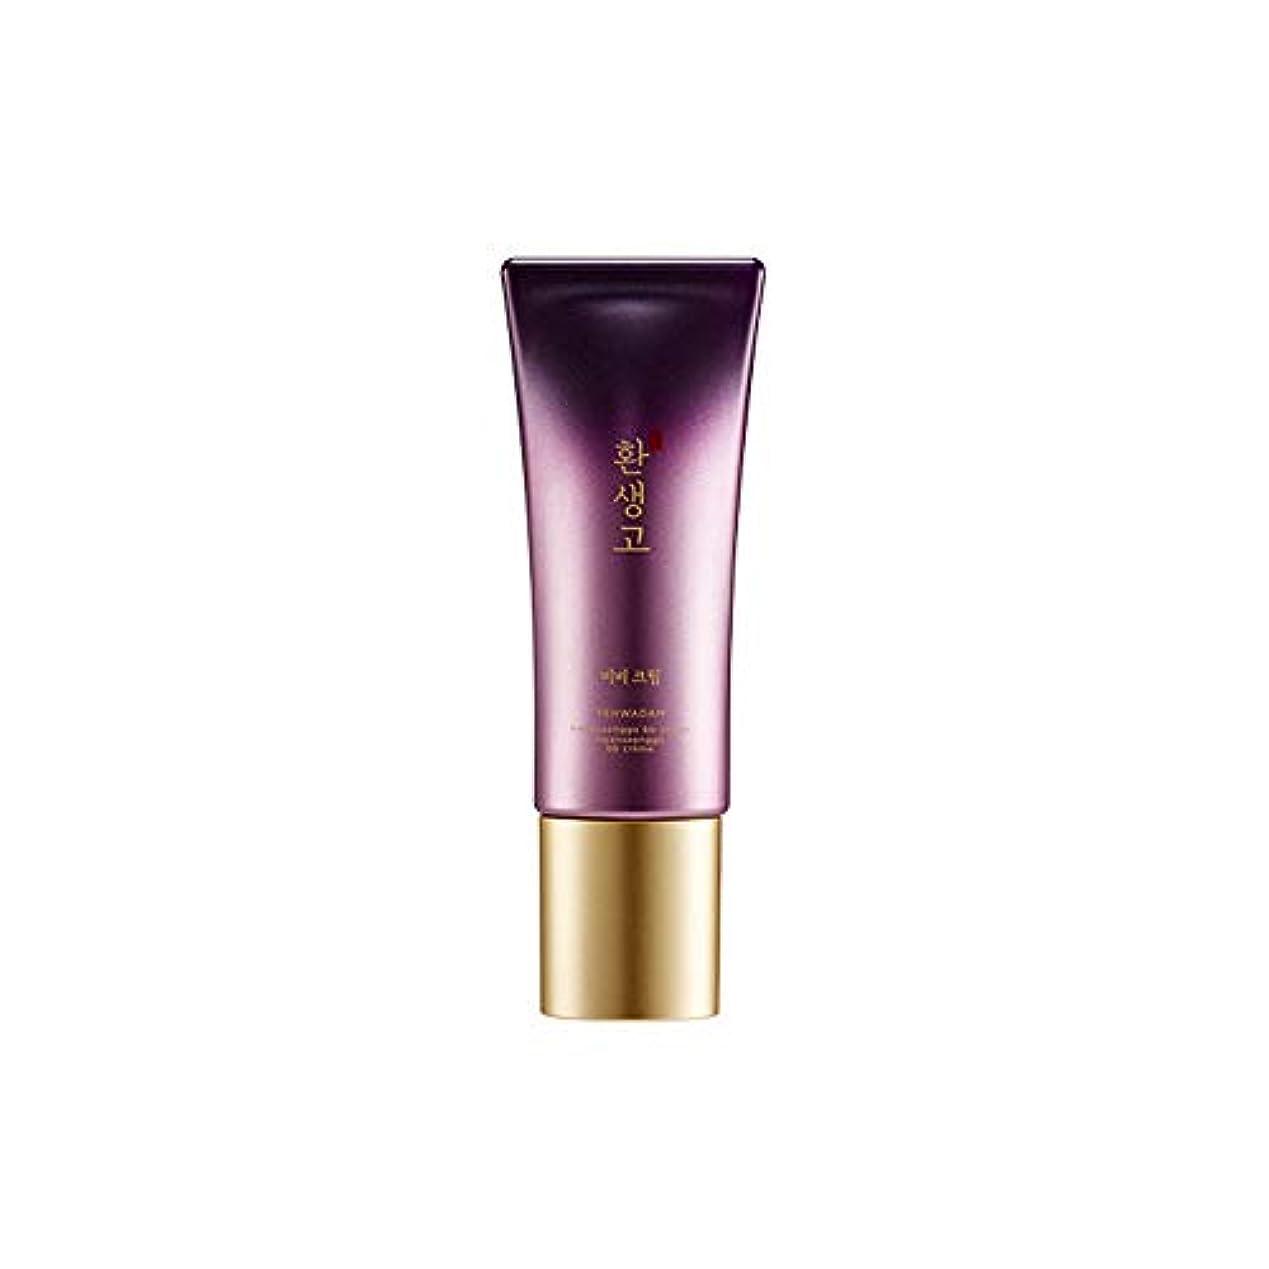 [ザフェイスショップ] The Face Shop イェファダム 還生膏BBクリーム SPF35 PA++ 45ml YEHWADAM Hwansaenggo BB Cream 45ml [海外直送品]